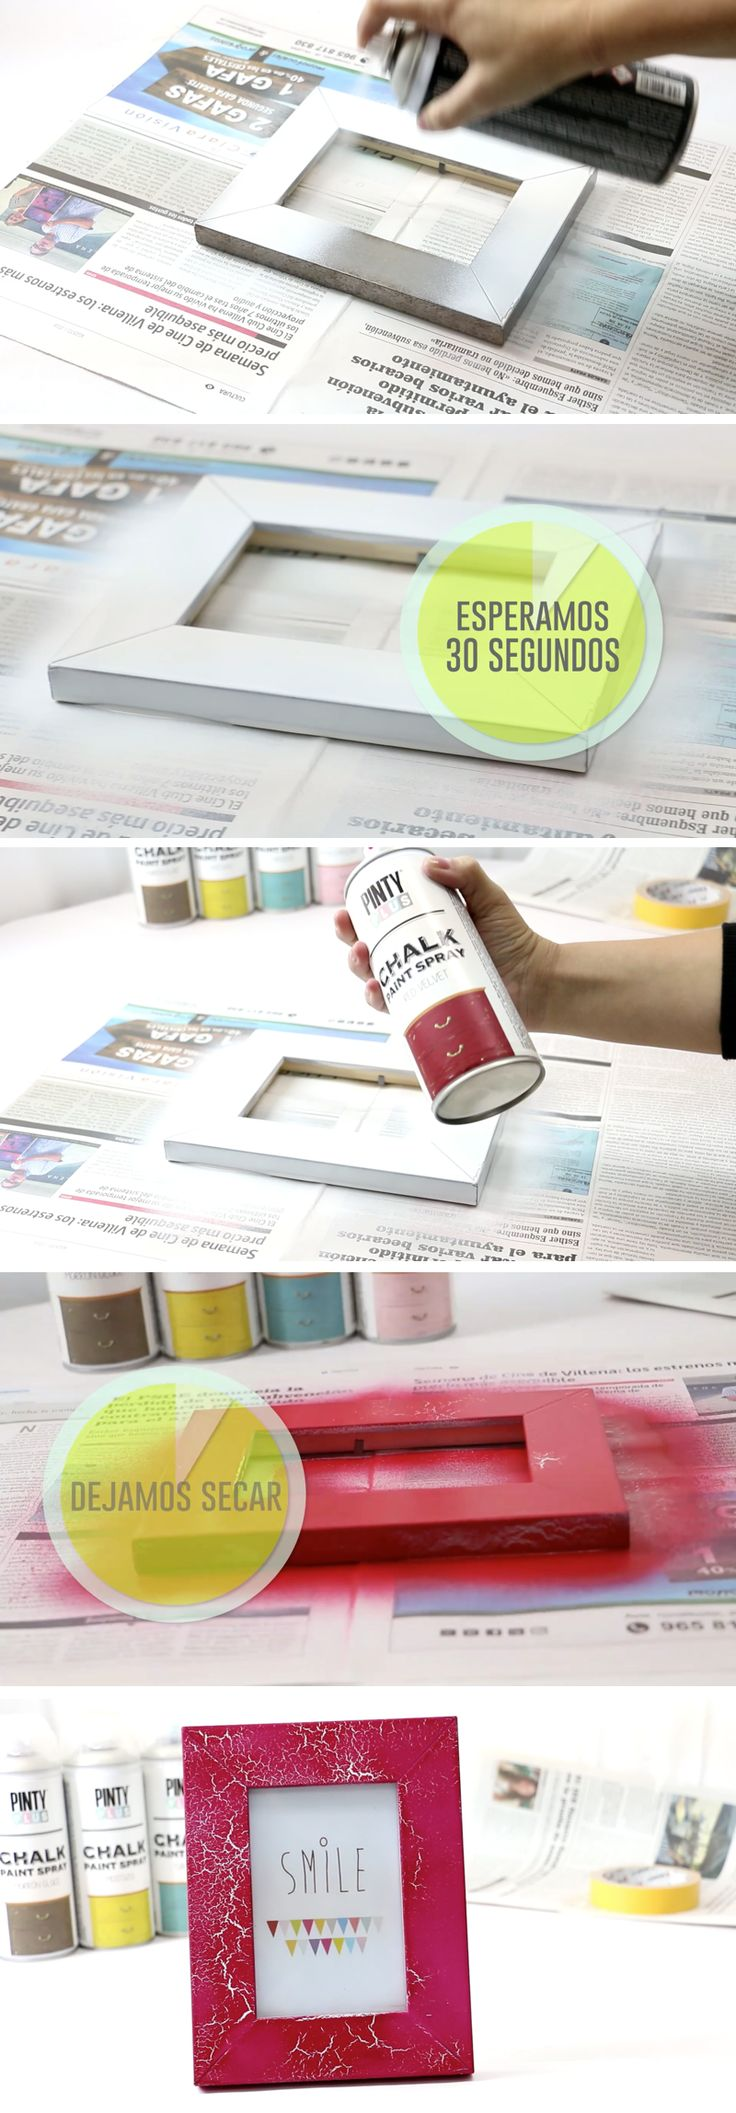 Craquelado con Imprimación Universal Pintyplus y chalk paint spray Pintyplus.  Supporting DIY with our spray paint.